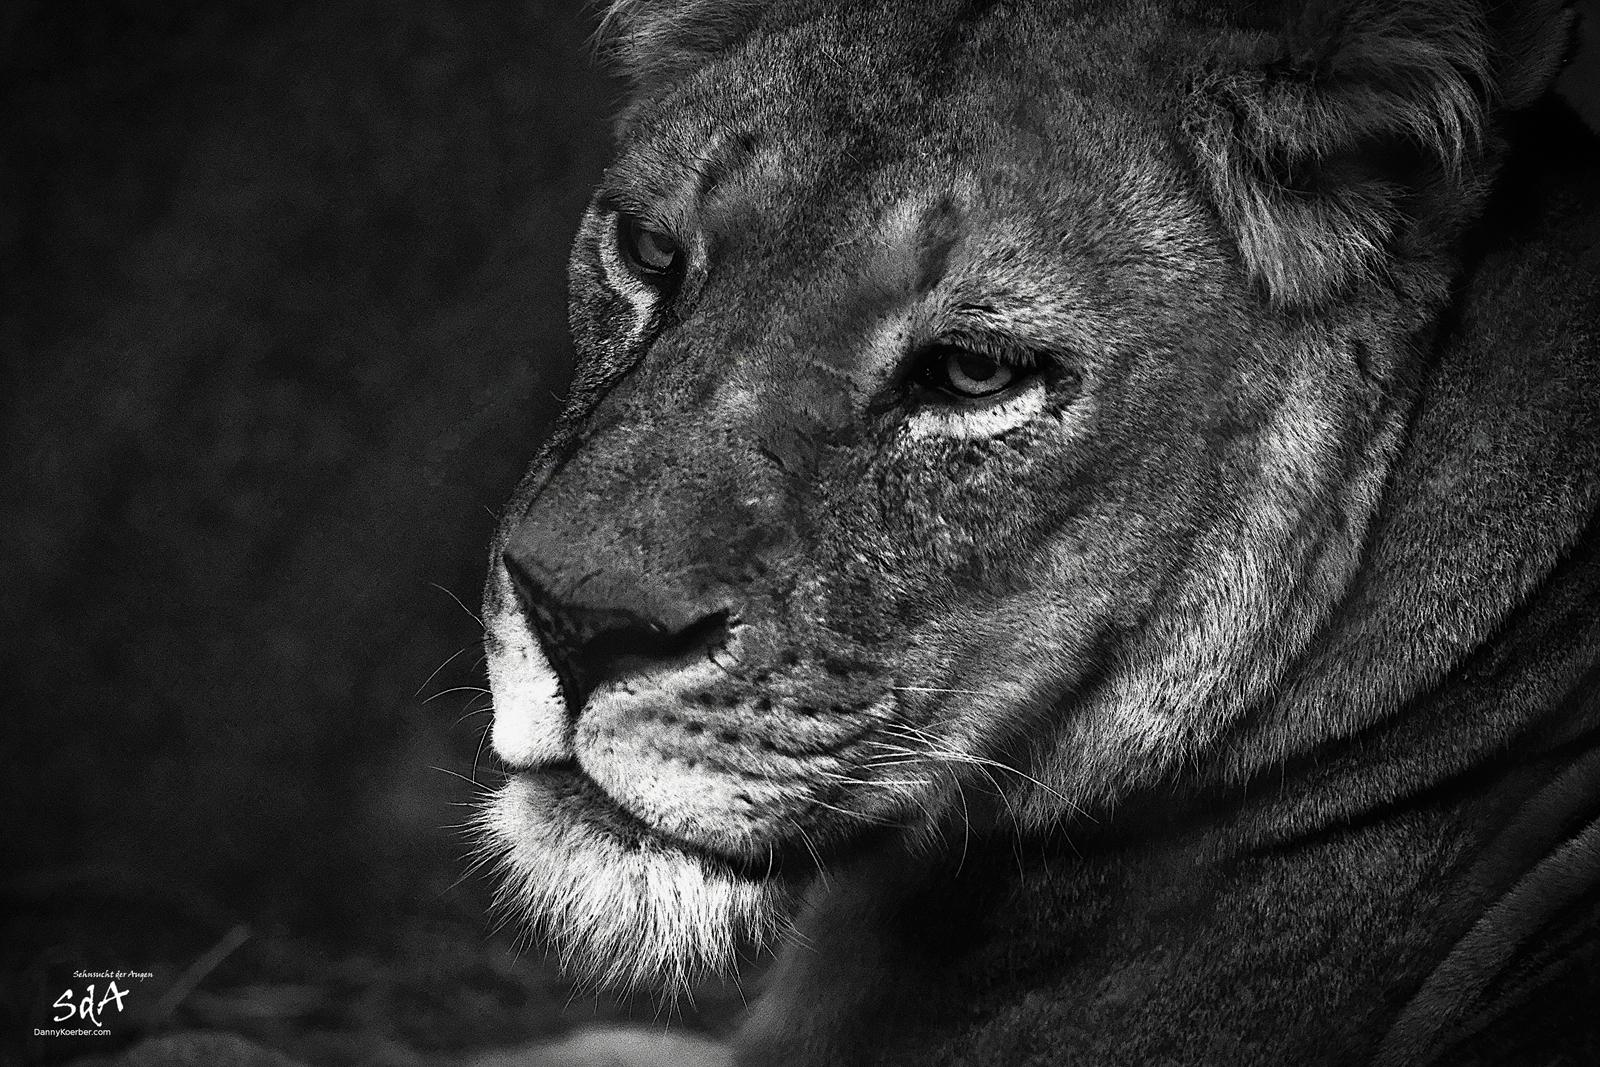 Der Blick der Katze. Ein Löwe schaut zur Seite. Fotografiert von Danny Koerber für Sehnsucht der Augen. Wildtiere